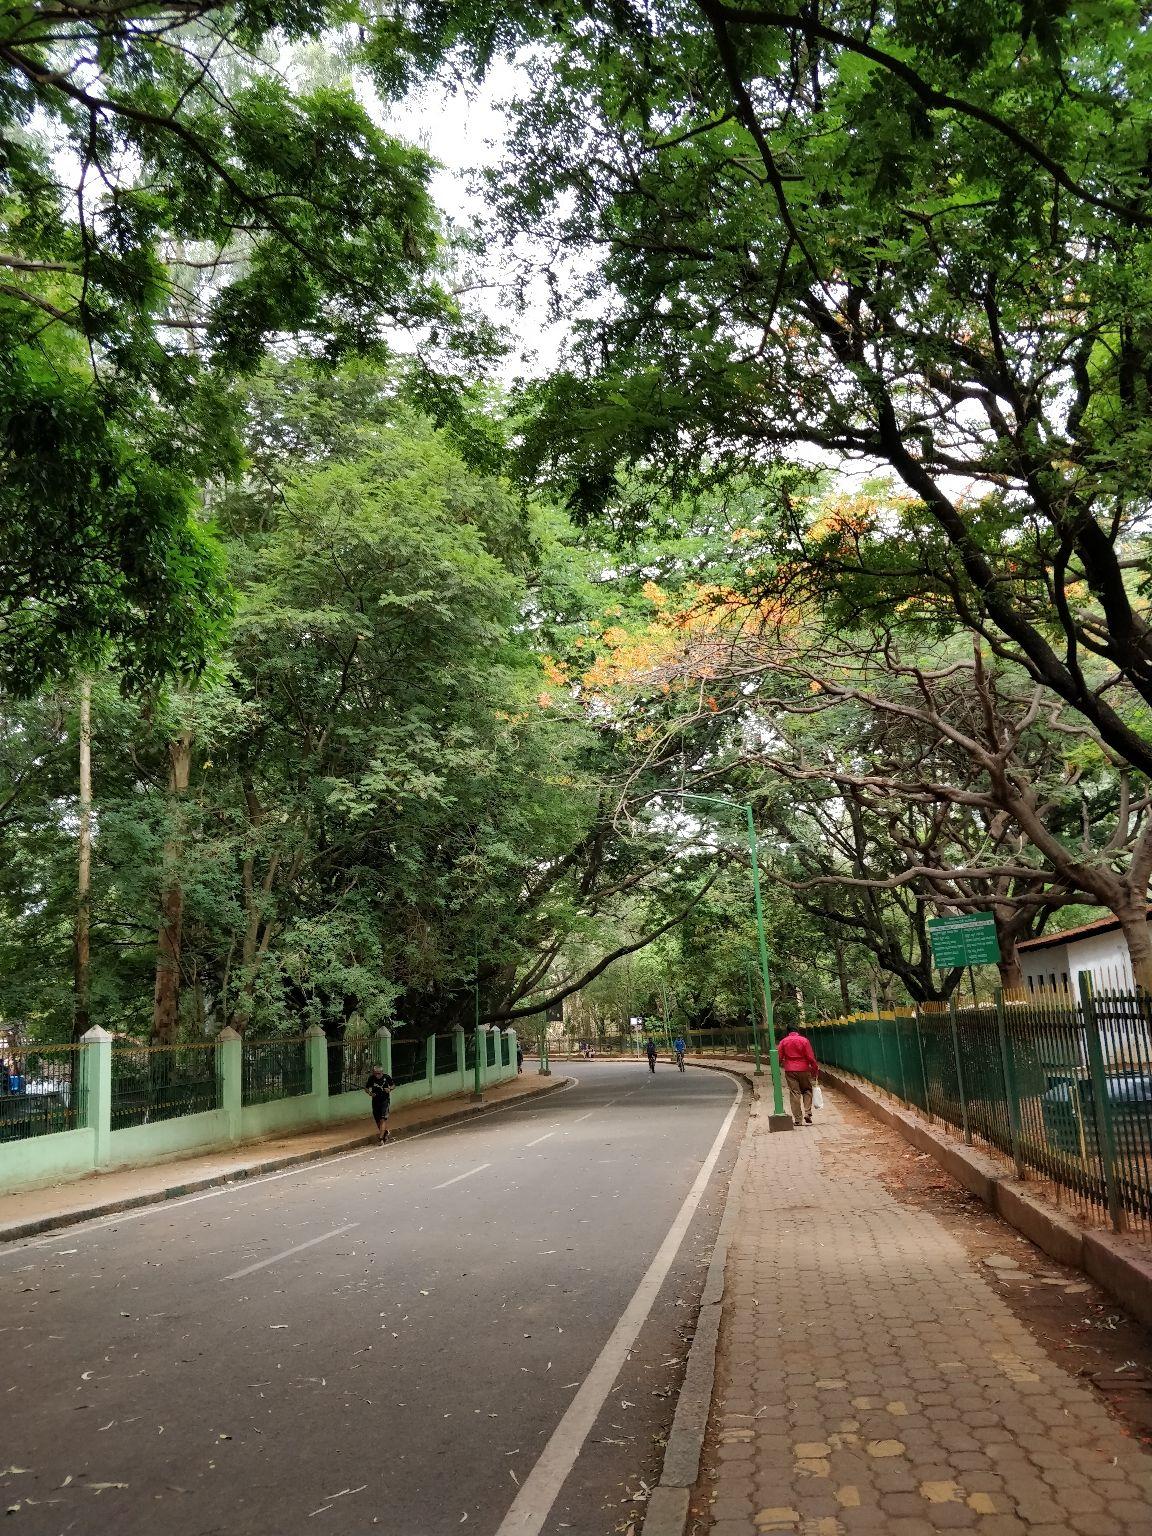 Photo of Cubbon Park By Sravankumar Ravi